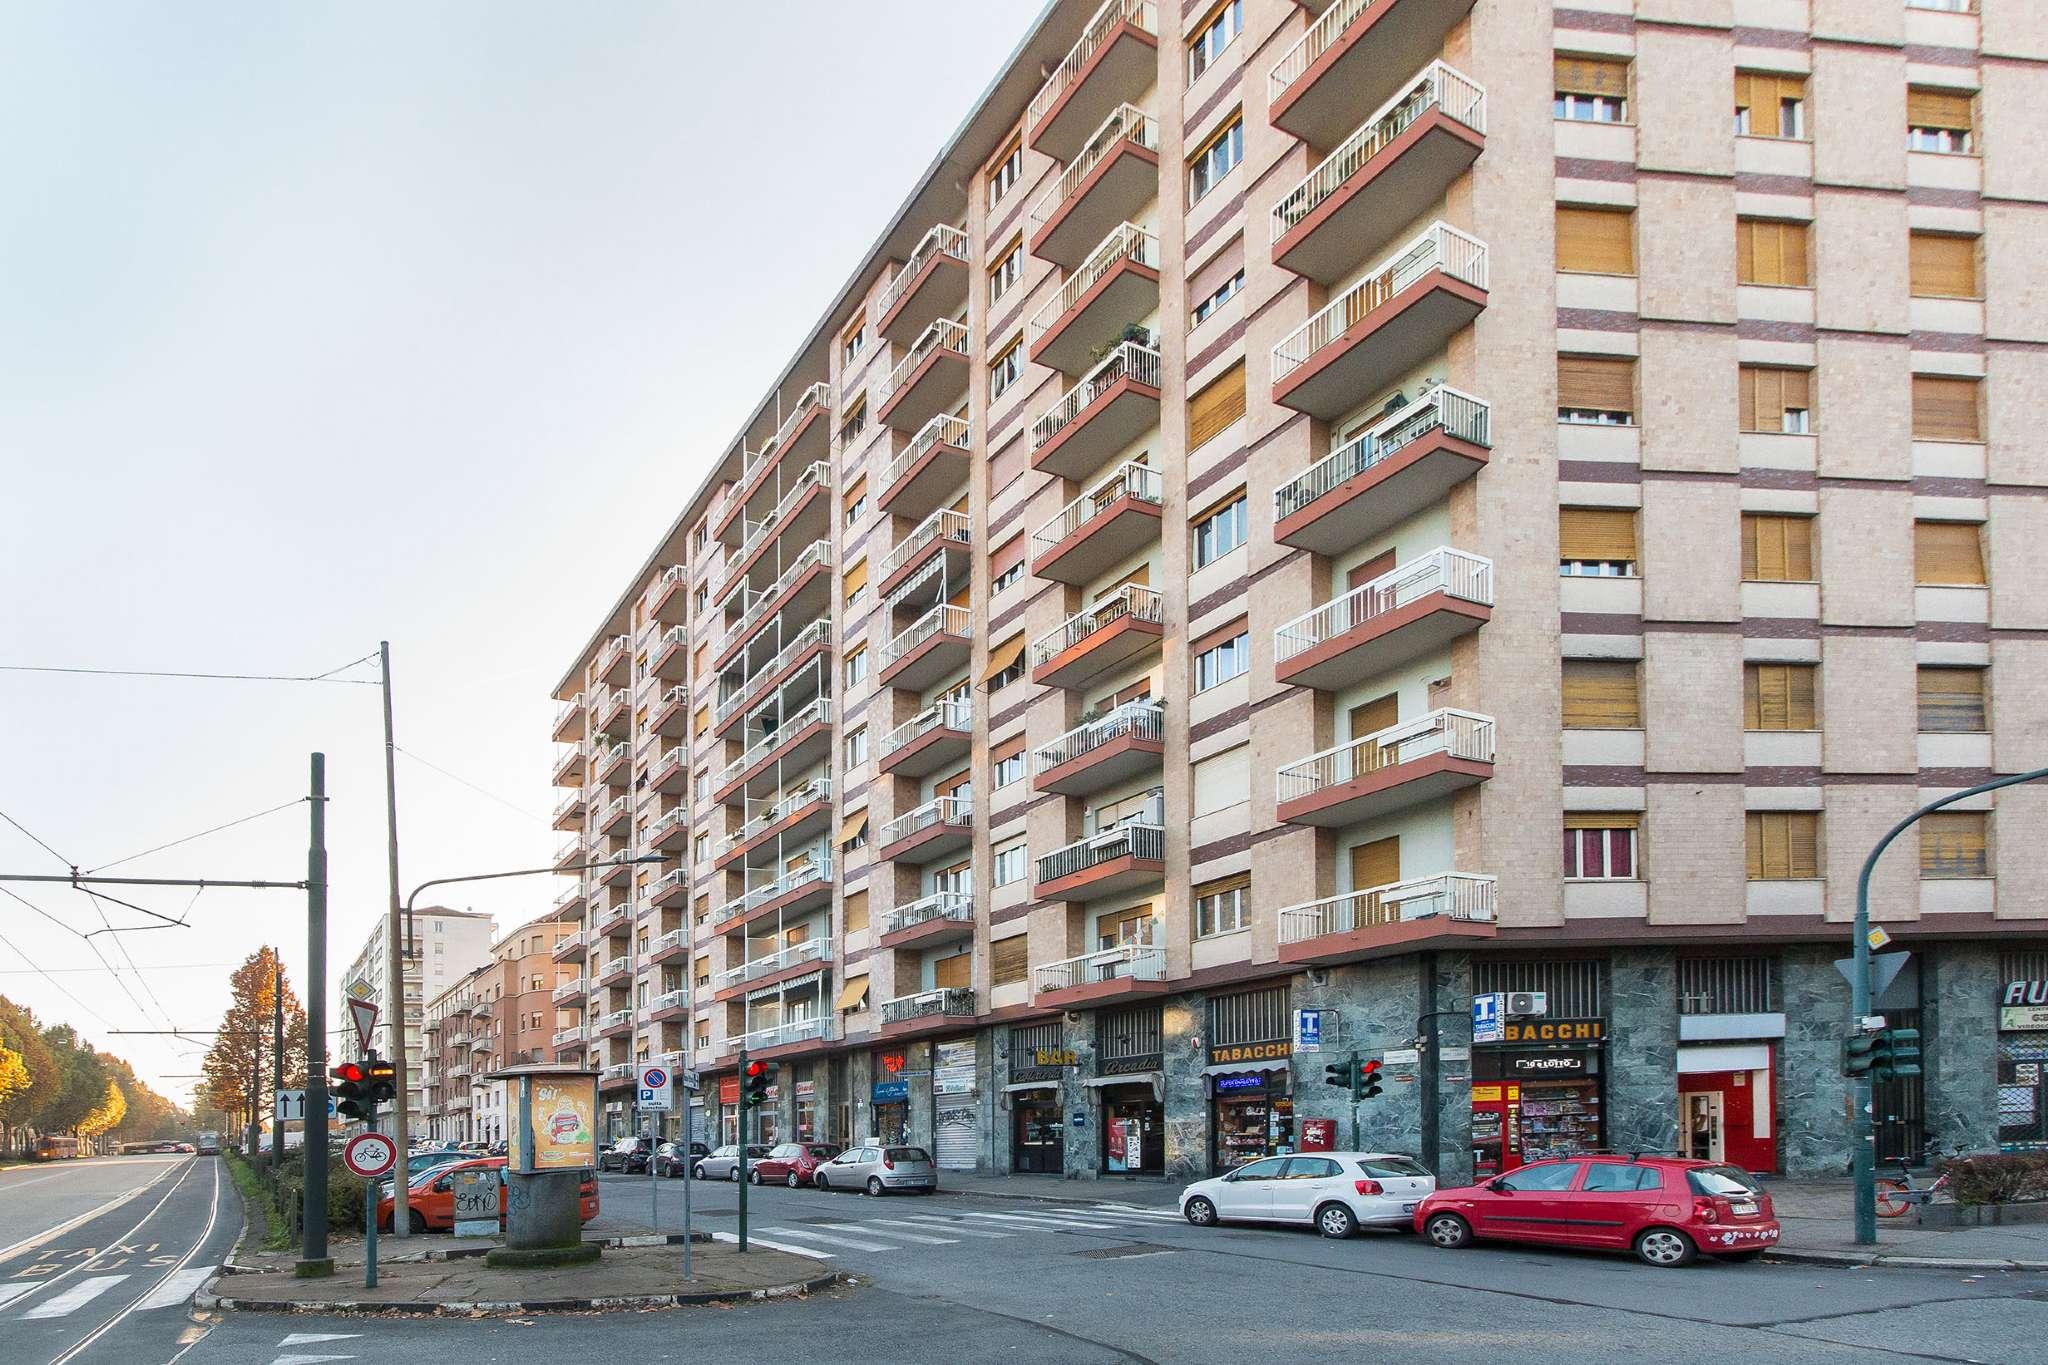 Appartamento in vendita Zona Cit Turin, San Donato, Campidoglio - corso Tassoni 59 Torino